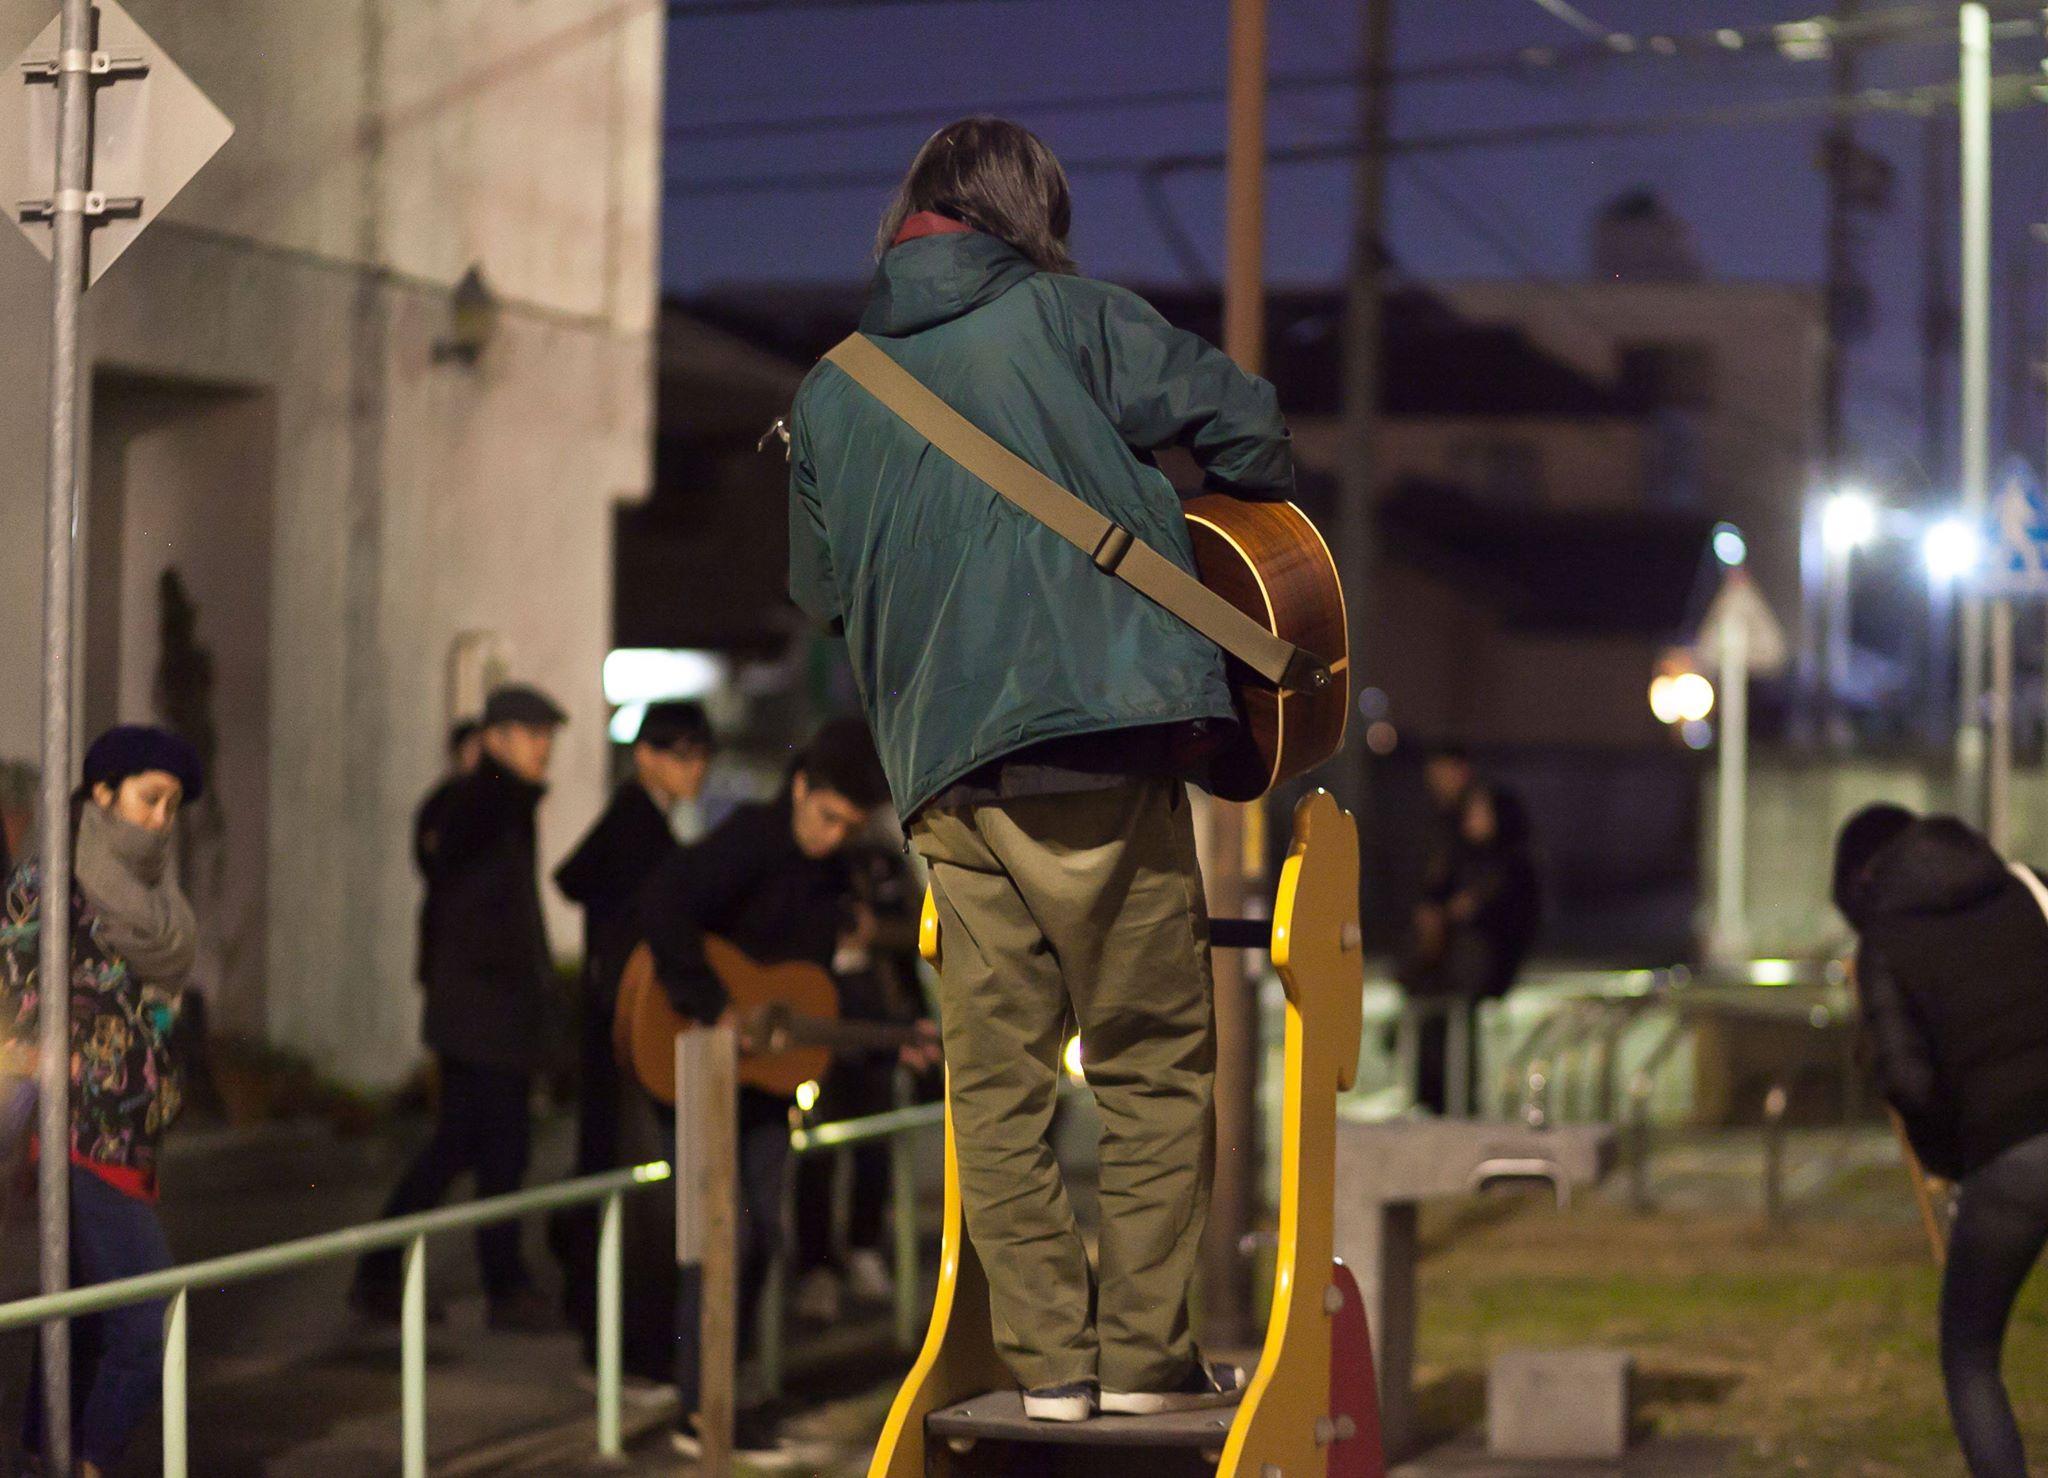 Gofish UCOの裏庭ライブ